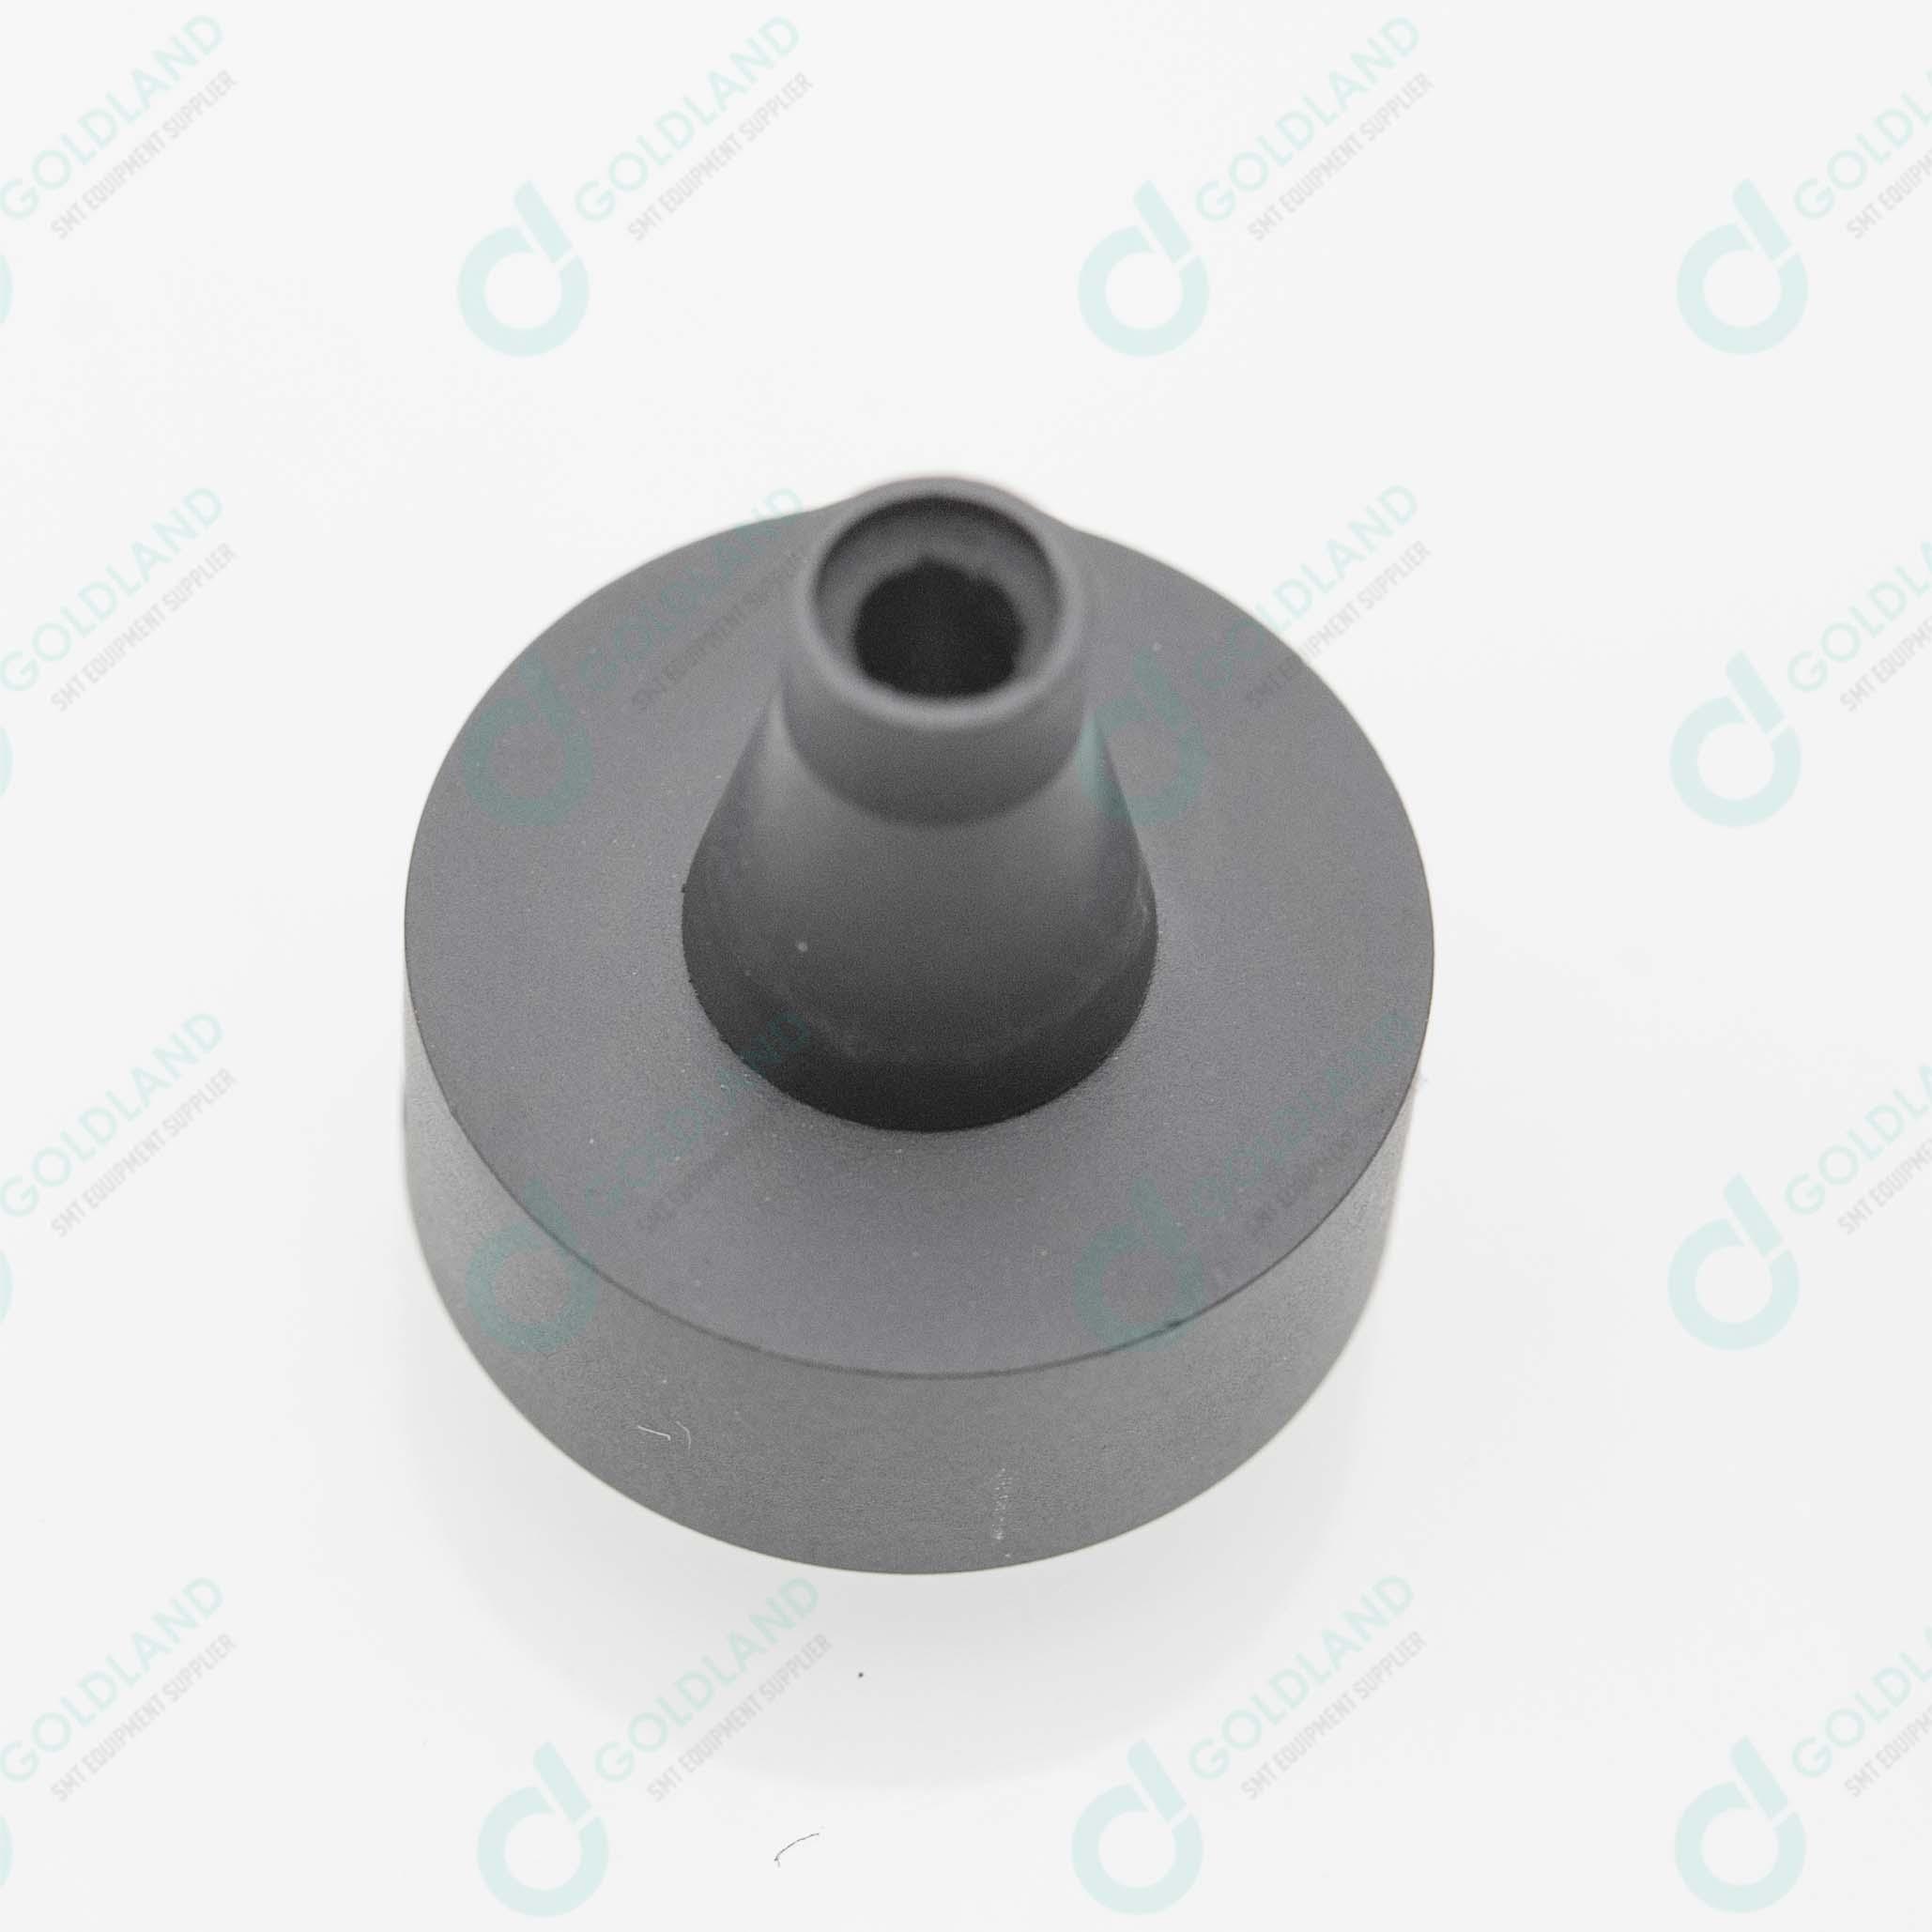 FUJI smt machine parts 5.0mm FUJI XPF Nozzle